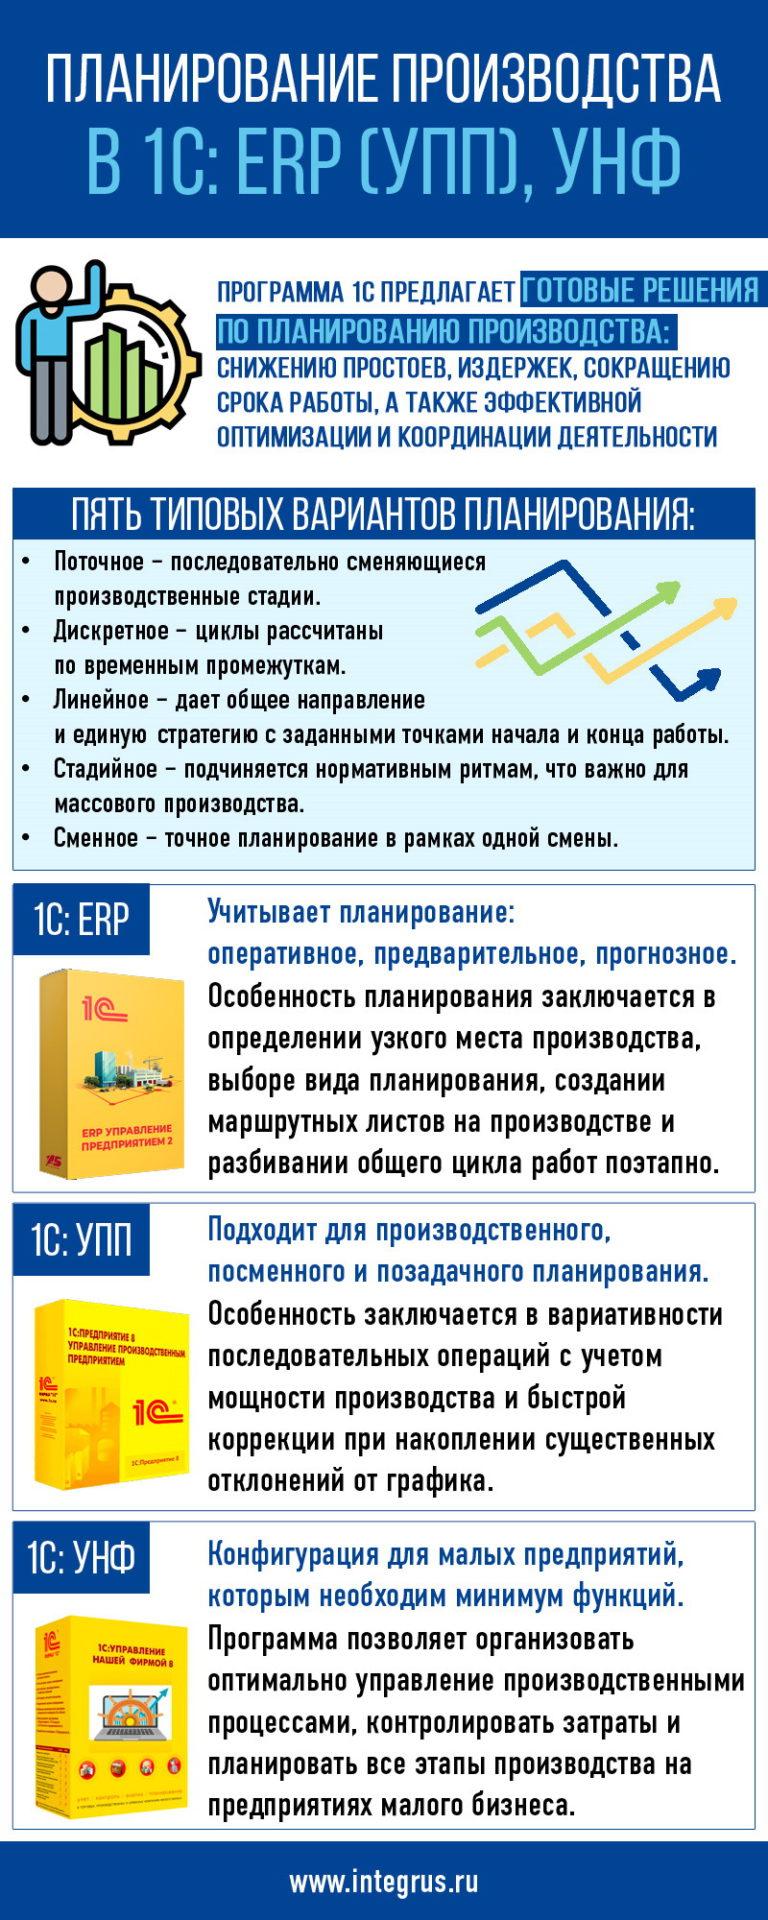 Планирование производства в 1С: ERP (УПП), УНФ